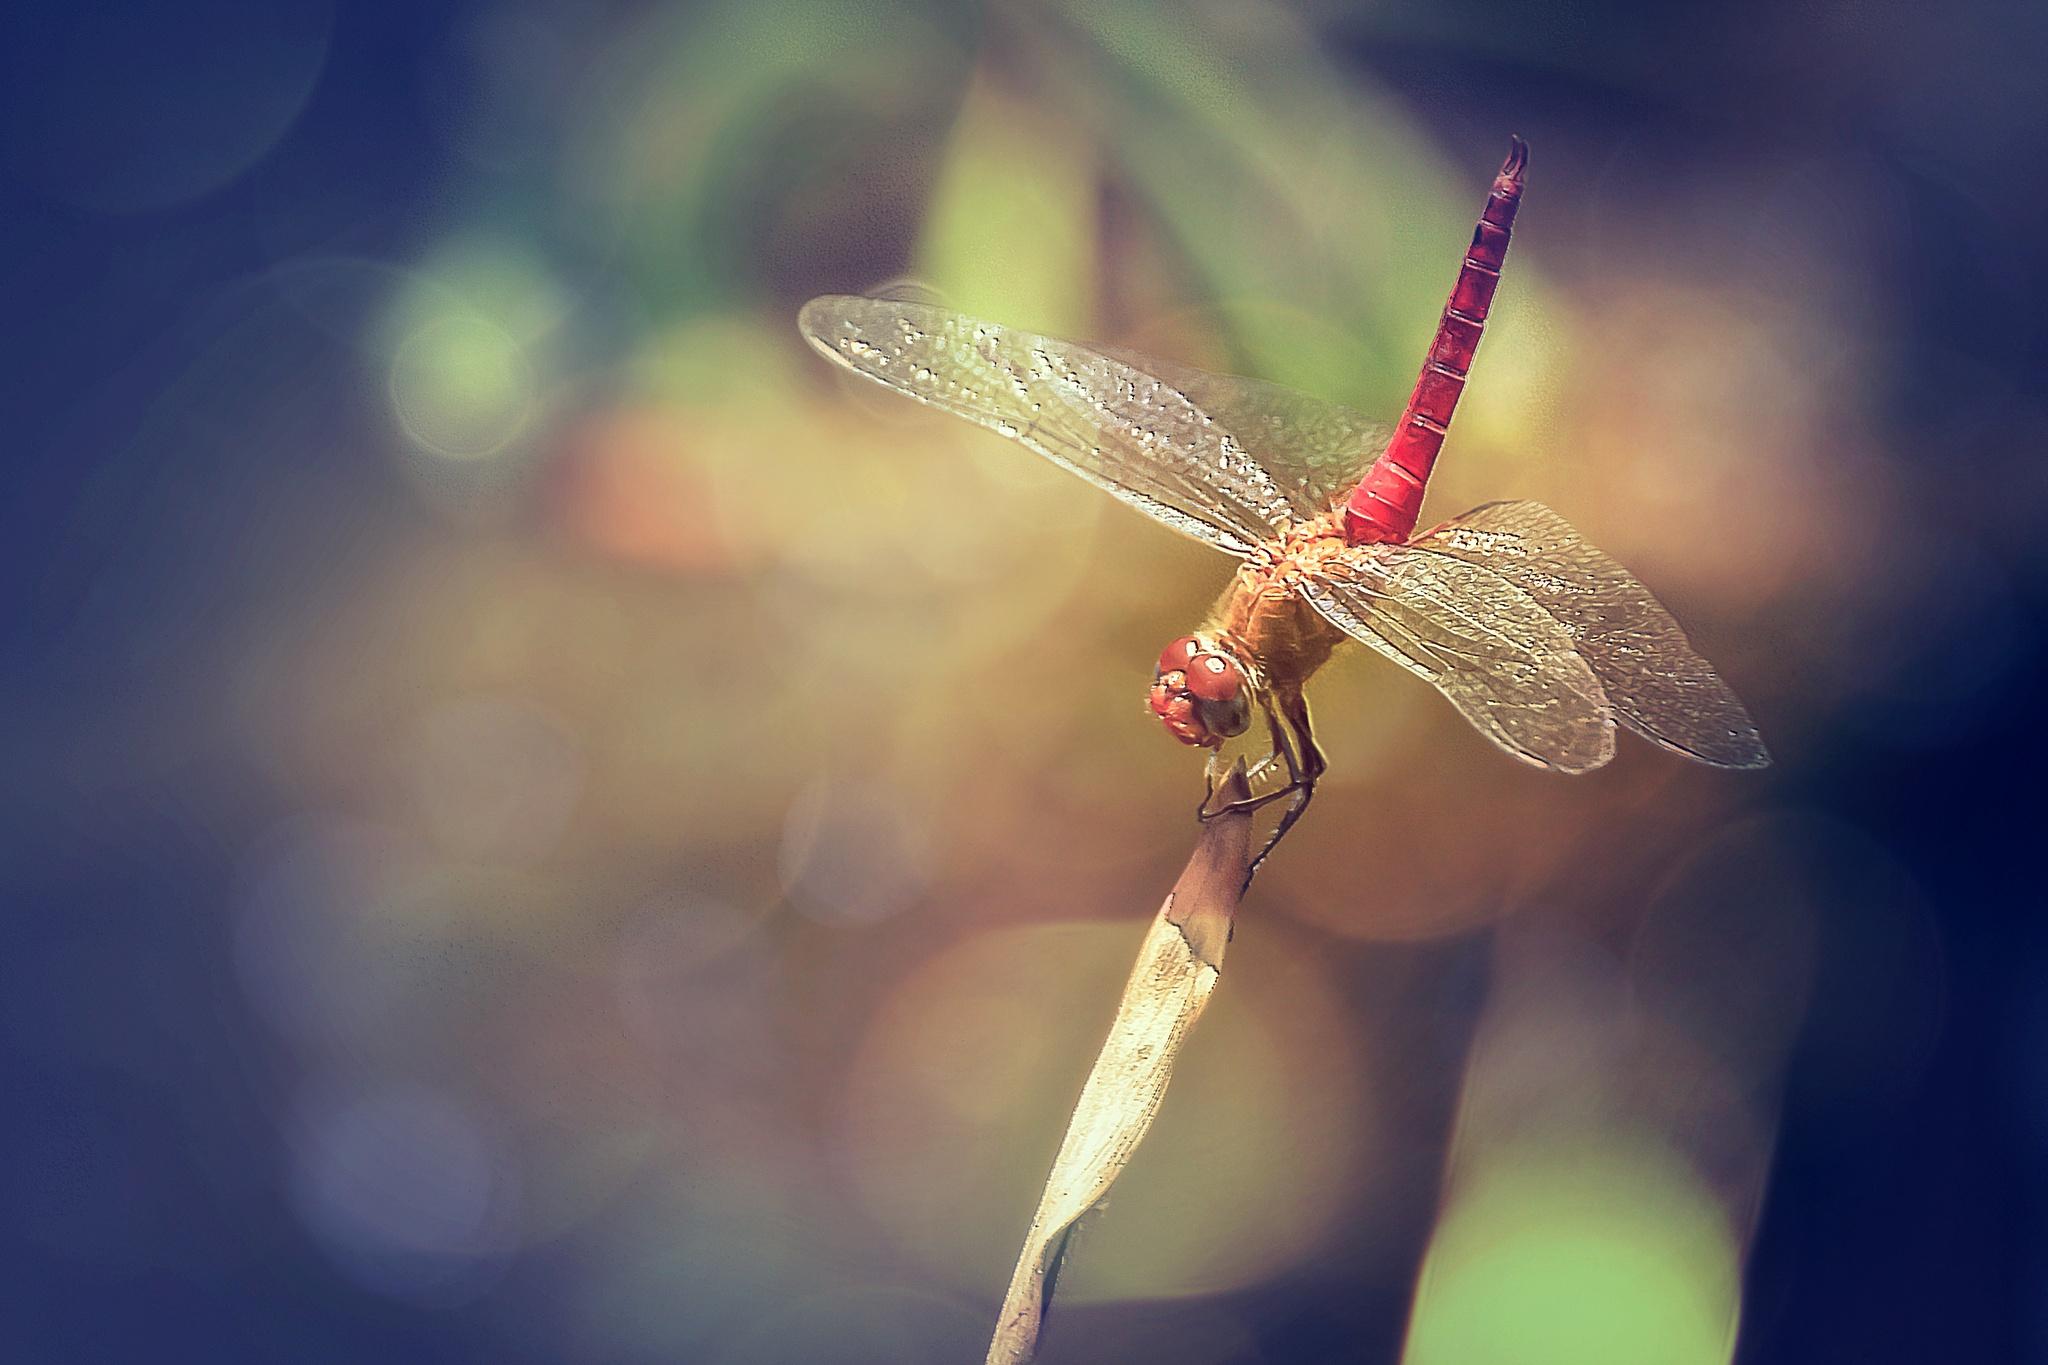 Red Dragonfly 101 by Tony Guzman